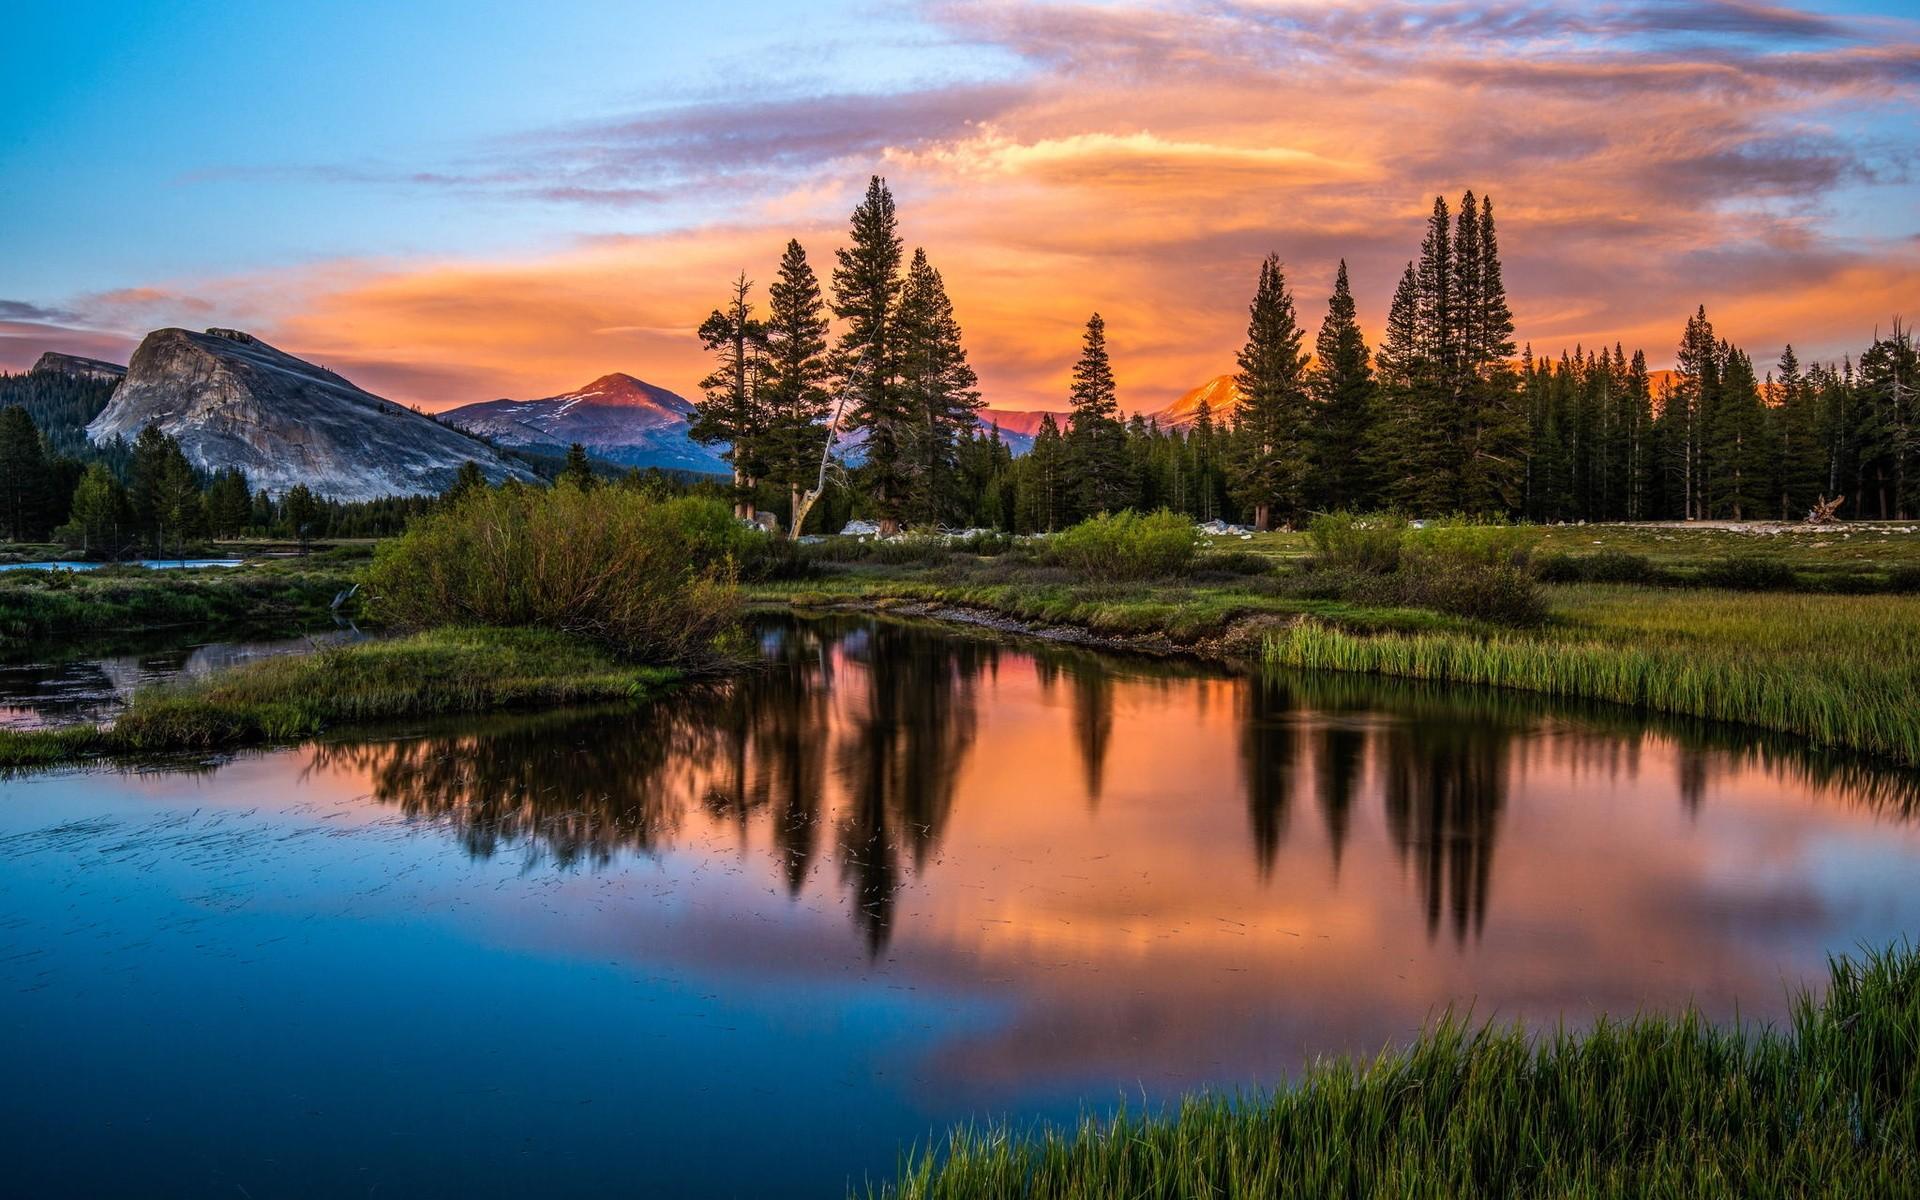 лучшие пейзажи мира фото в высоком качестве что